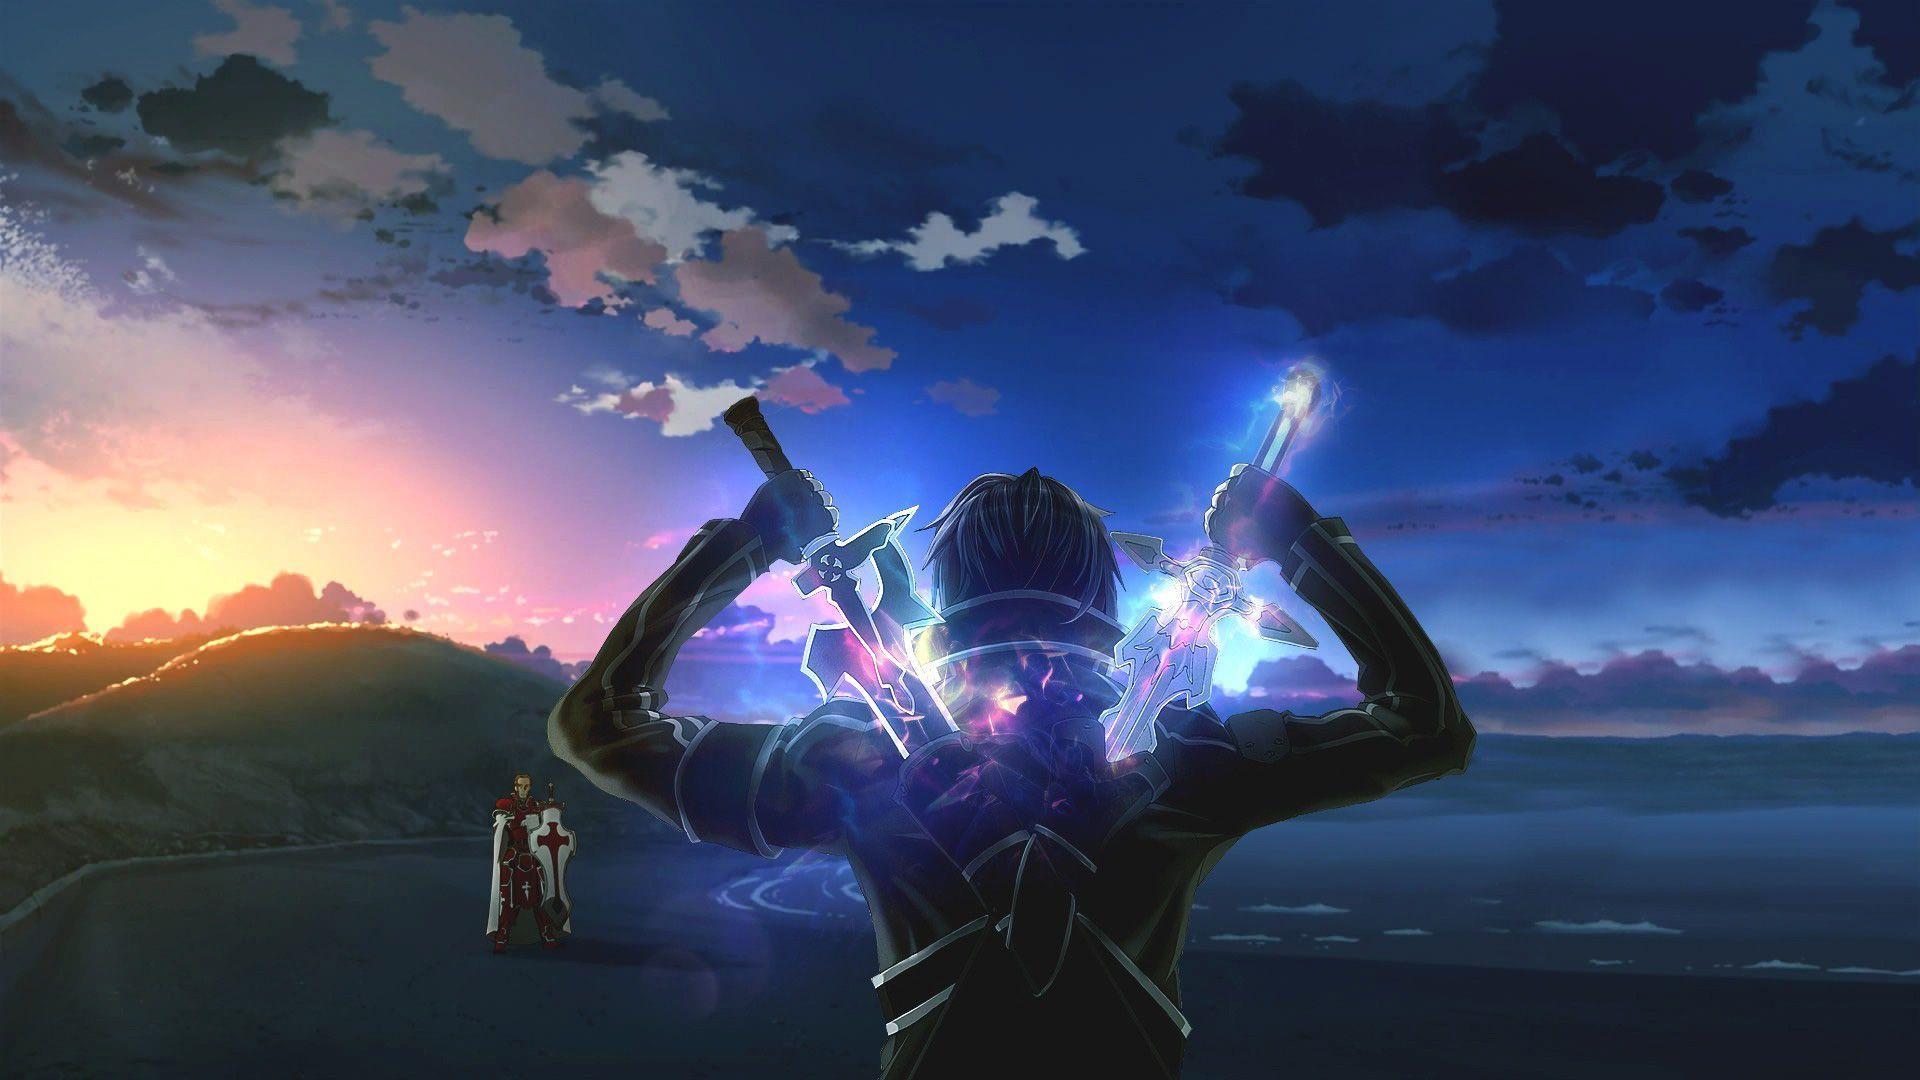 sword art online 2 desktop wallpaper